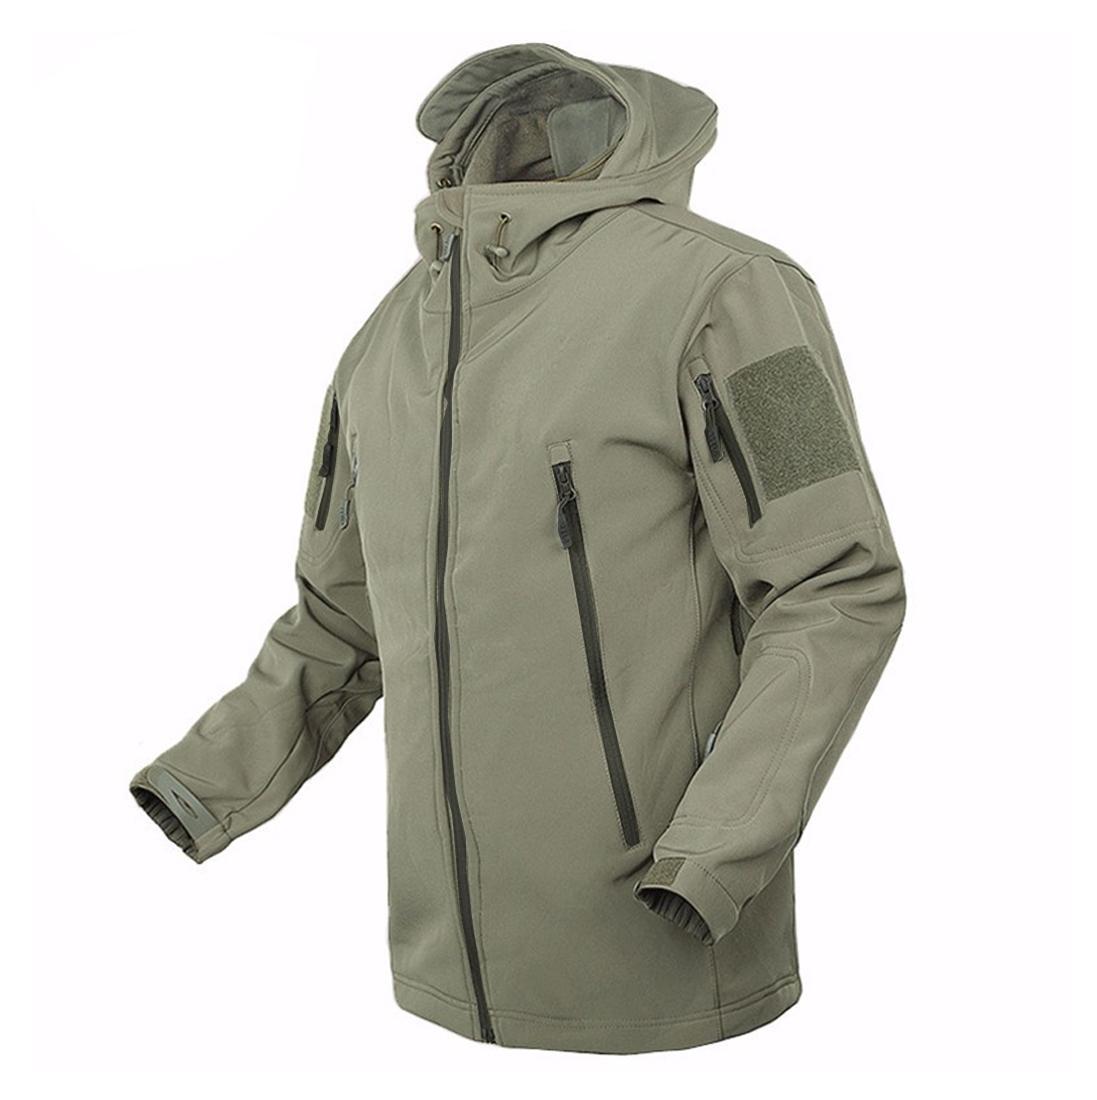 Jaket TAD Bravo.Jaket Militer Jaket Gunung Jaket Mantel Pria Tauring/Jaket Traveling/